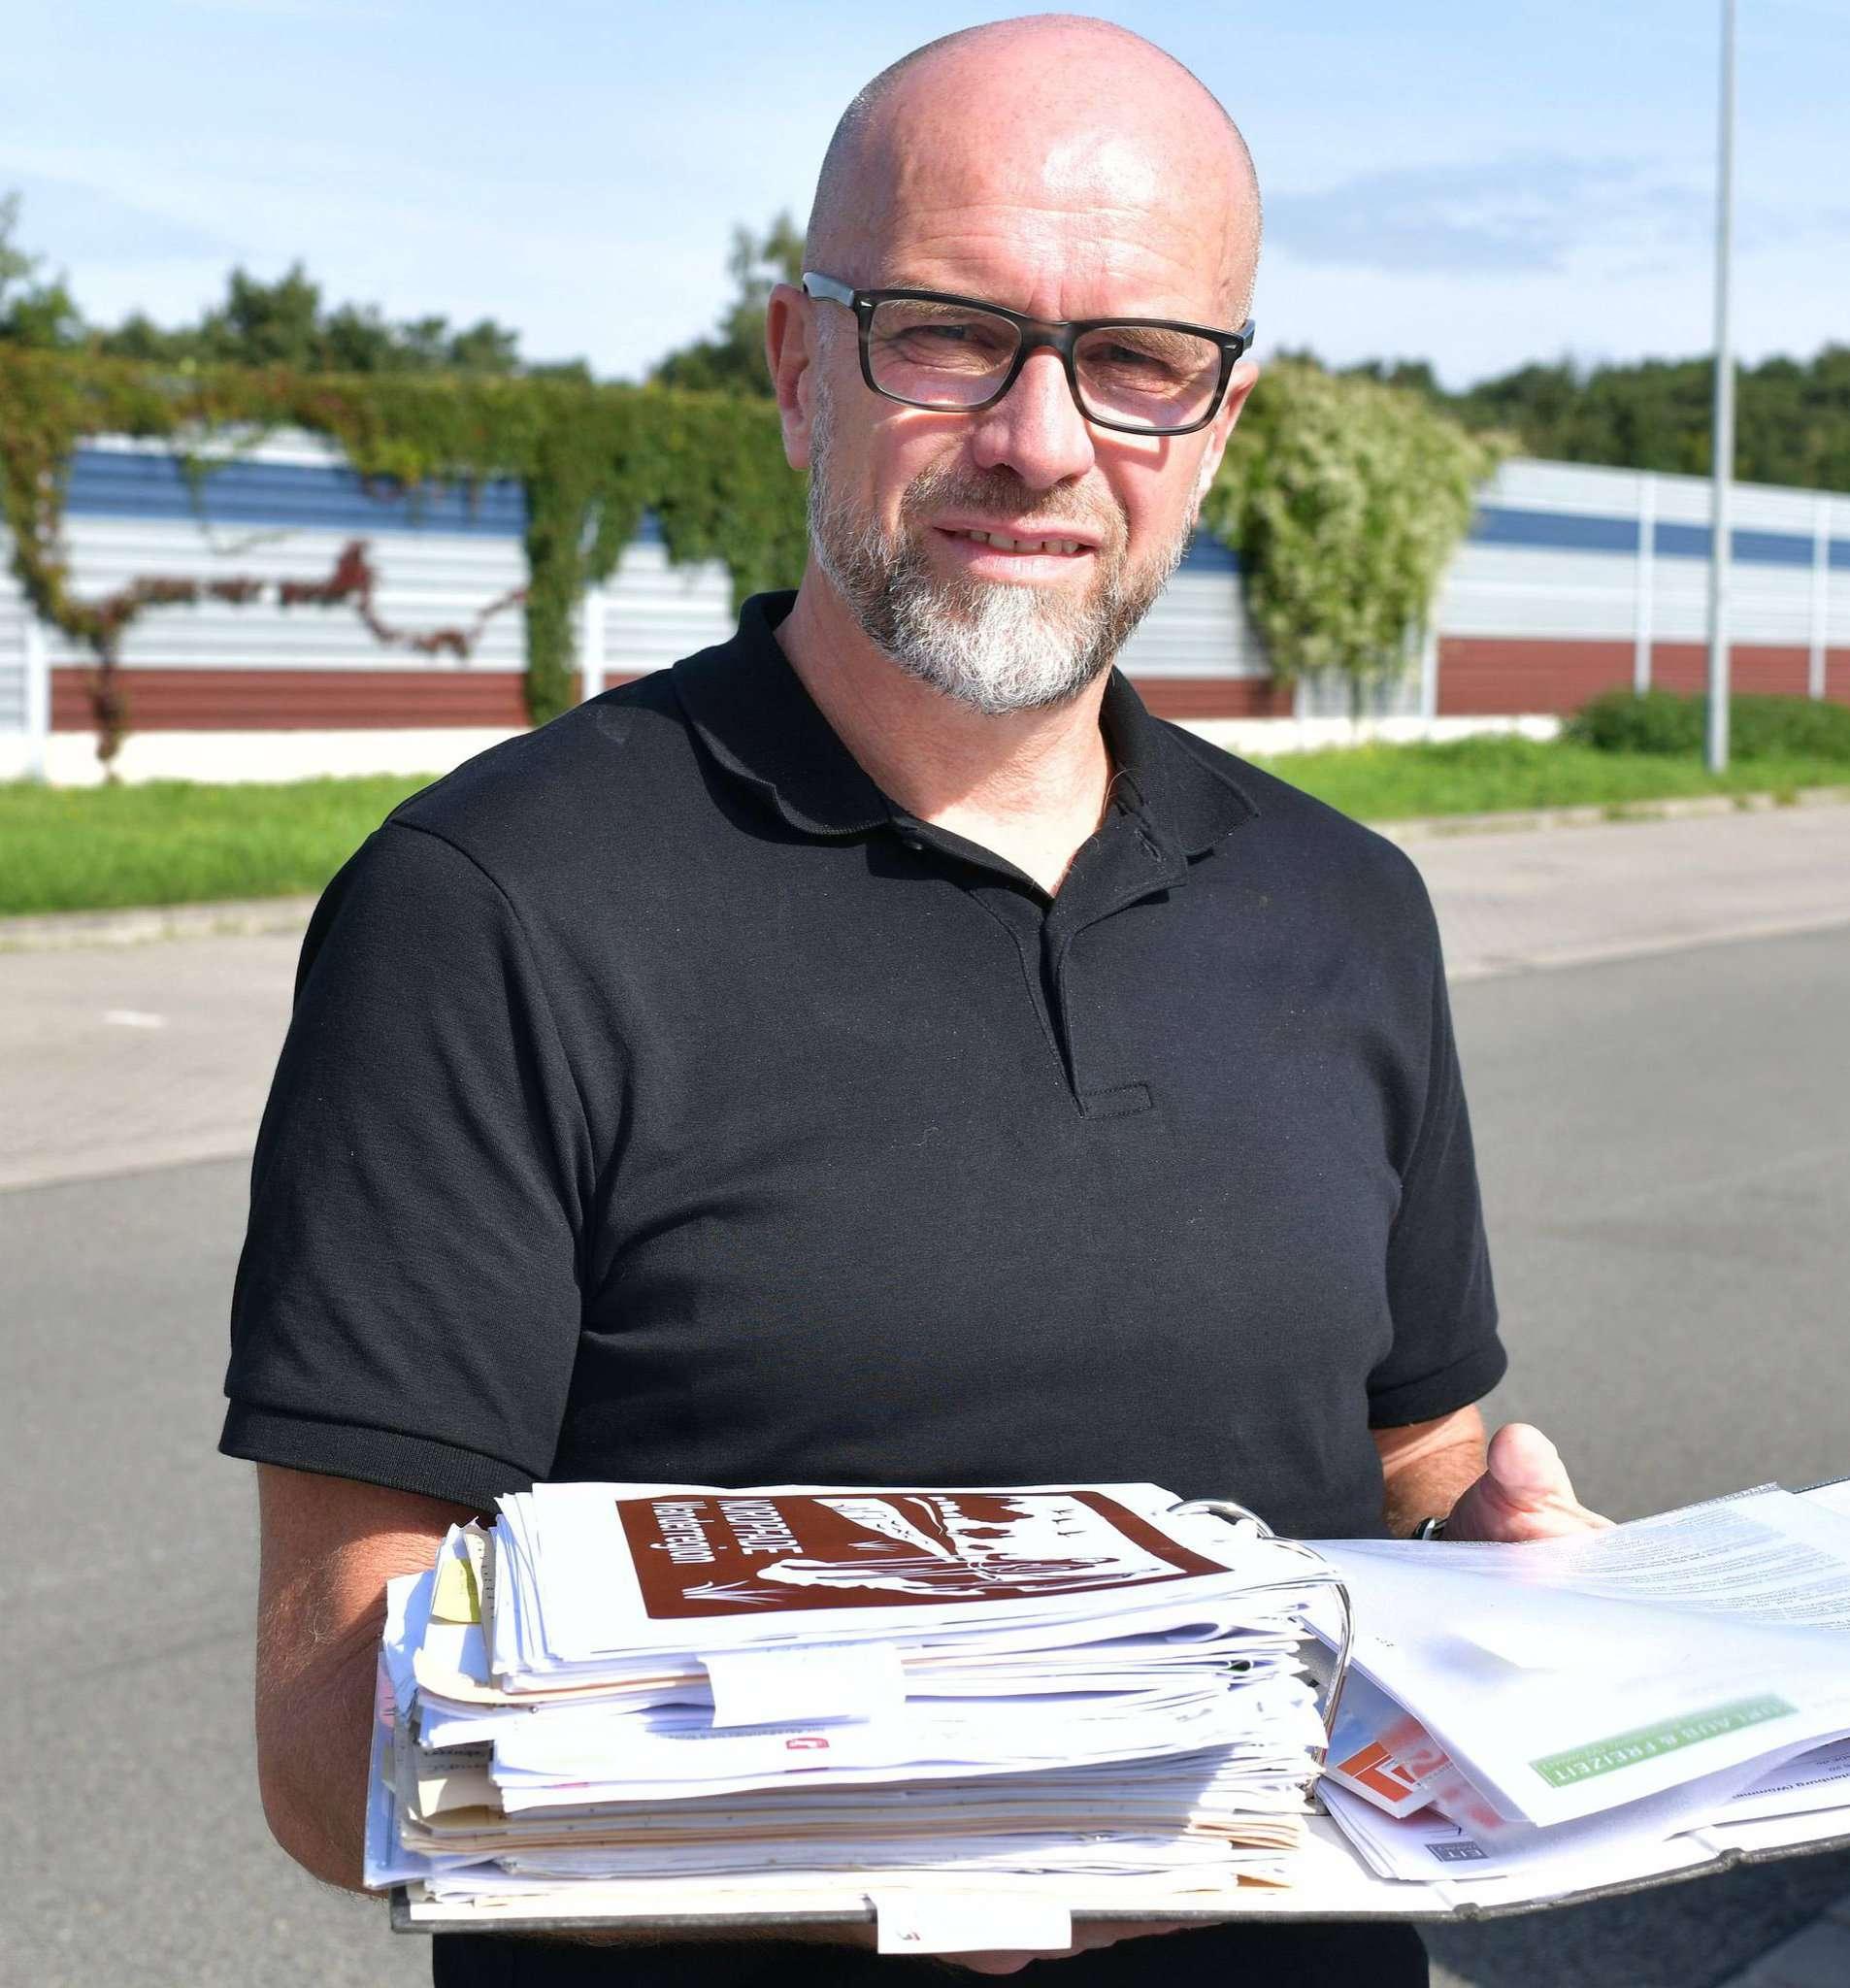 Ideen, Pläne, Anträge u2013 Udo Fischer wälzt den Ordner zum Thema Autobahnschilder.